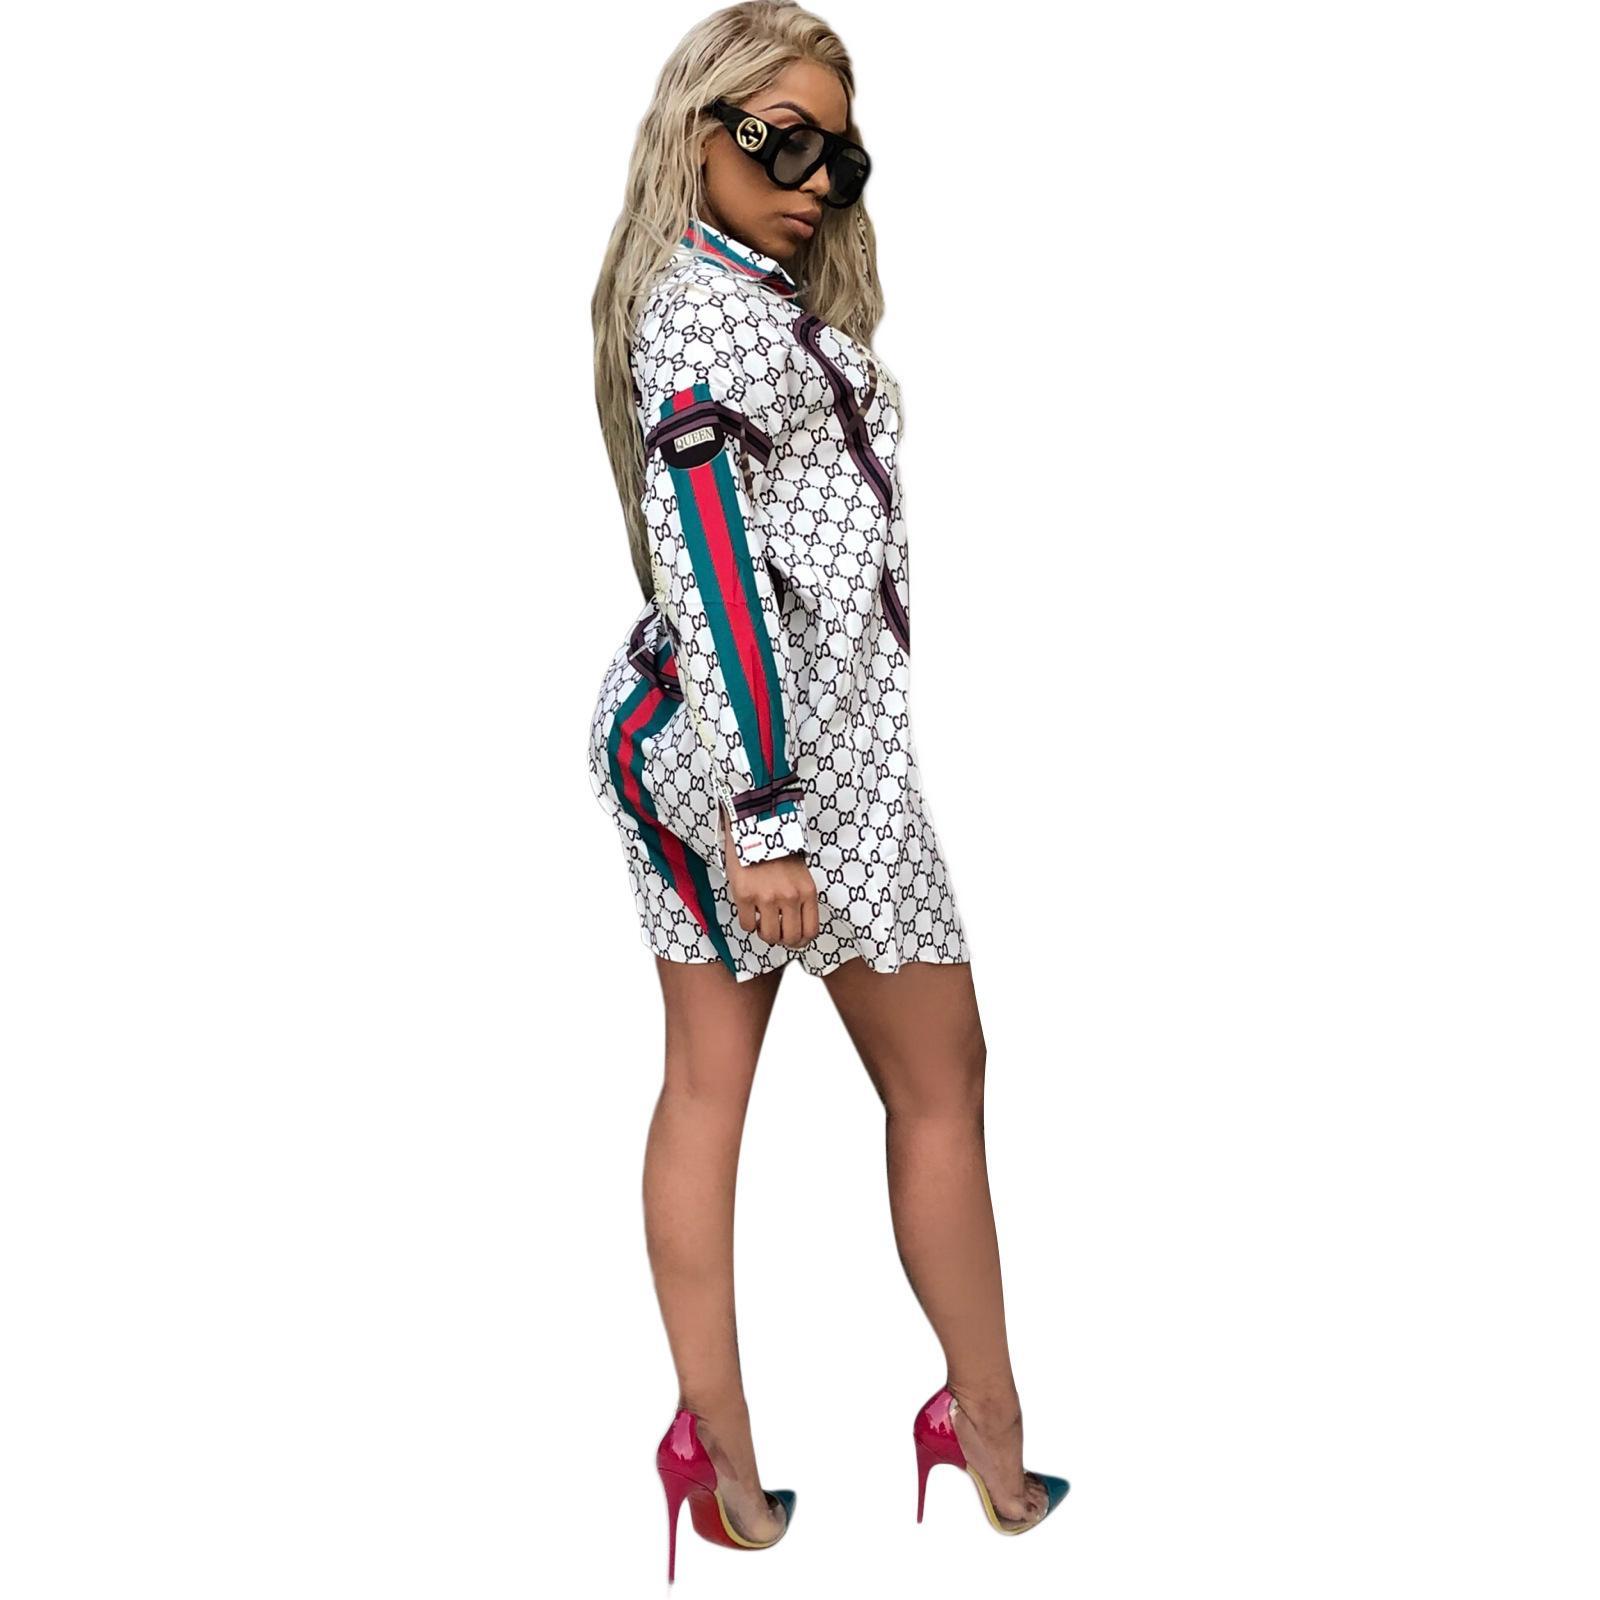 Платья для Laday печати повседневная мода отворот шеи рубашка Платье с длинным рукавом лето мини-платье дамы сексуальные юбки S-2XL размер